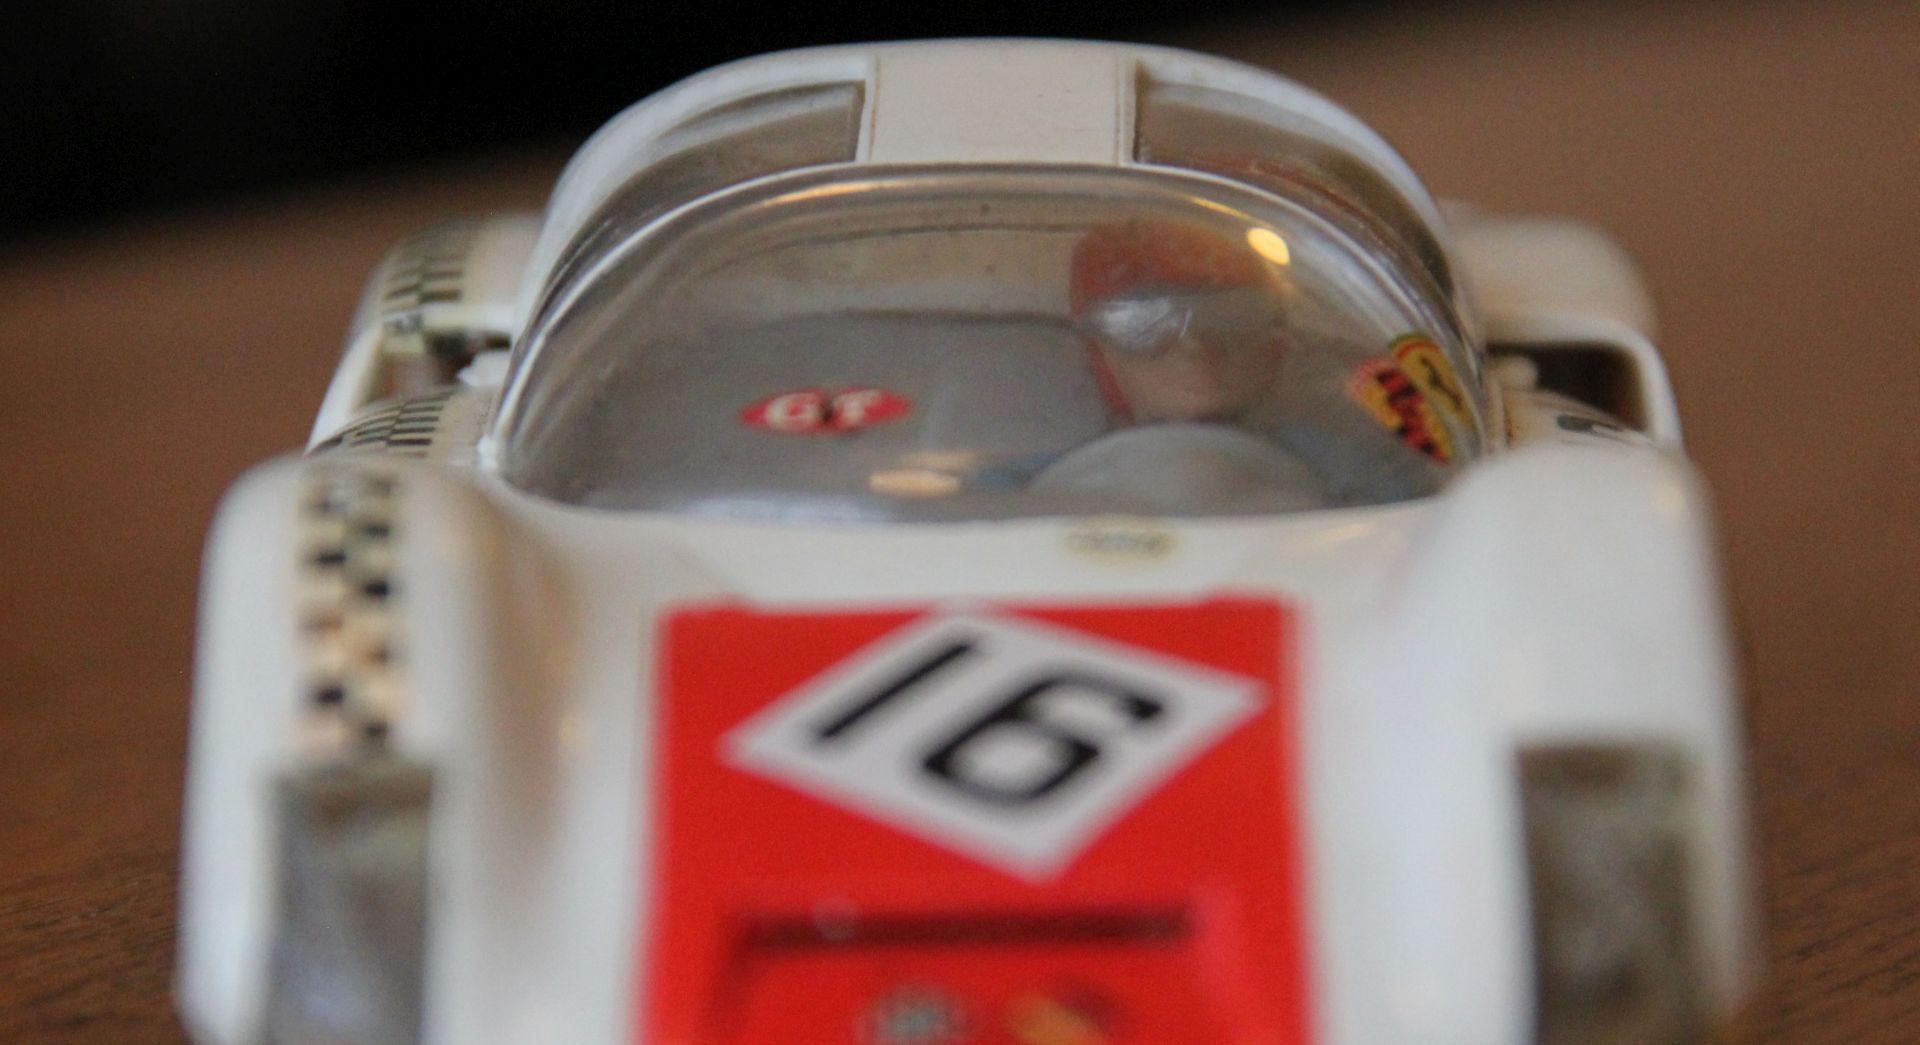 Porsche Carrera 6. Mein erster Porsche auf der Carrerabahn (Carrera 124)